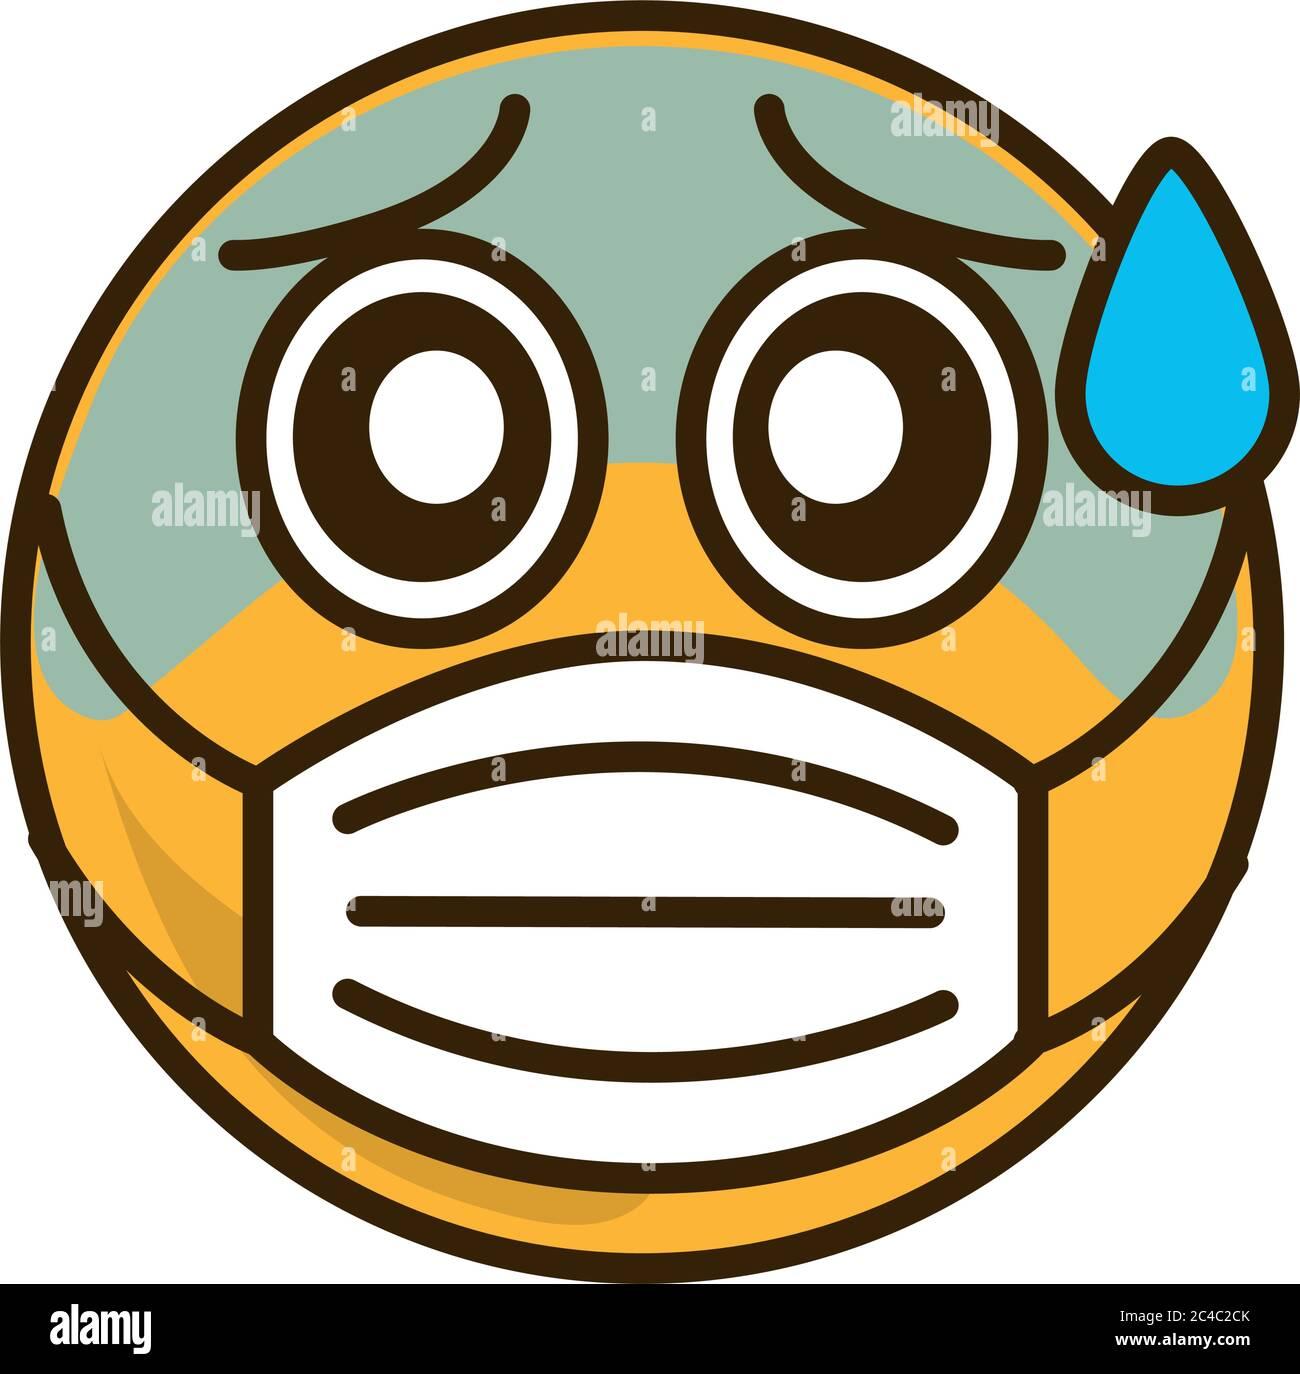 emoticono temeroso con máscara médica coronavirus covid-19 pandemia, dibujos planos estilo vector Ilustración del Vector